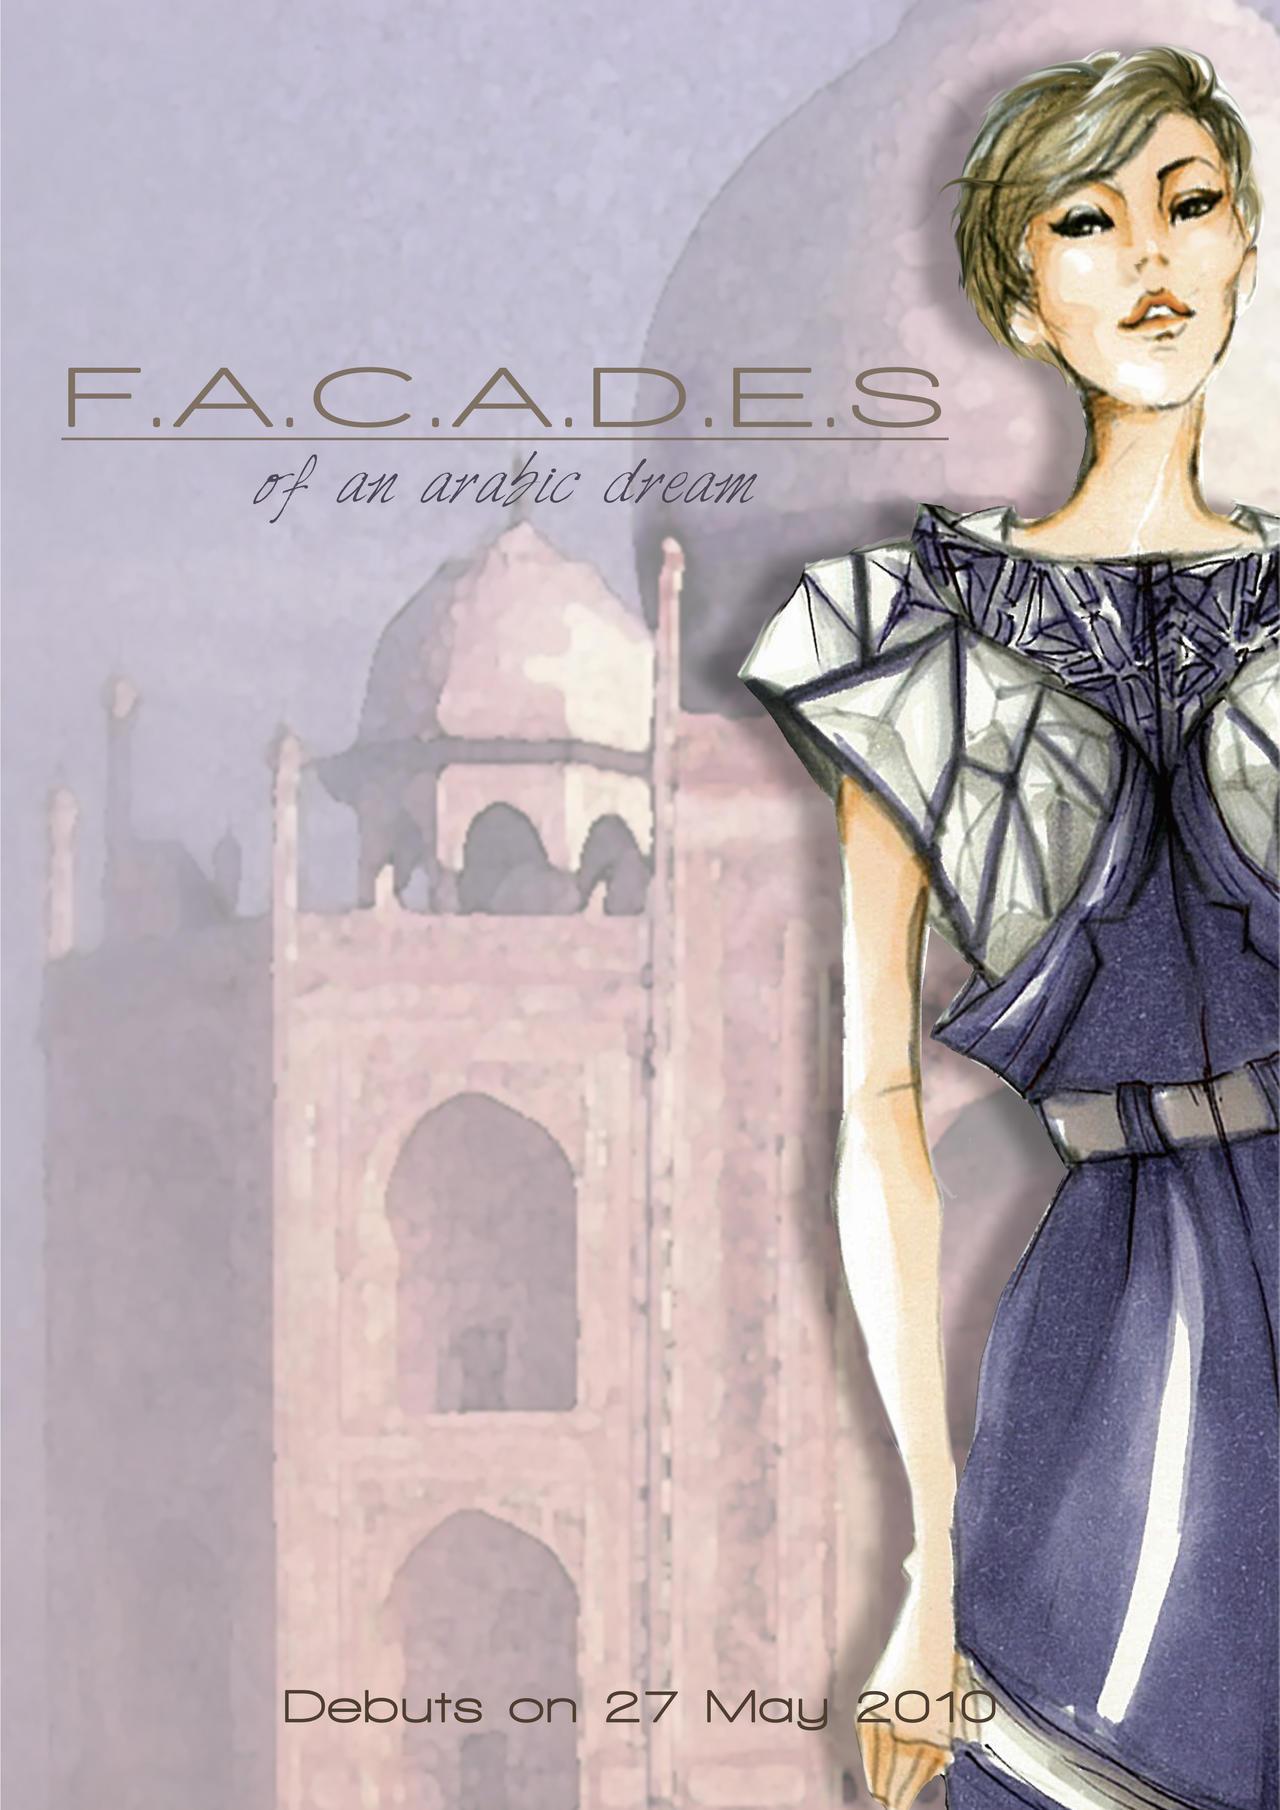 Facades of an Arabic Dream by chudamerr